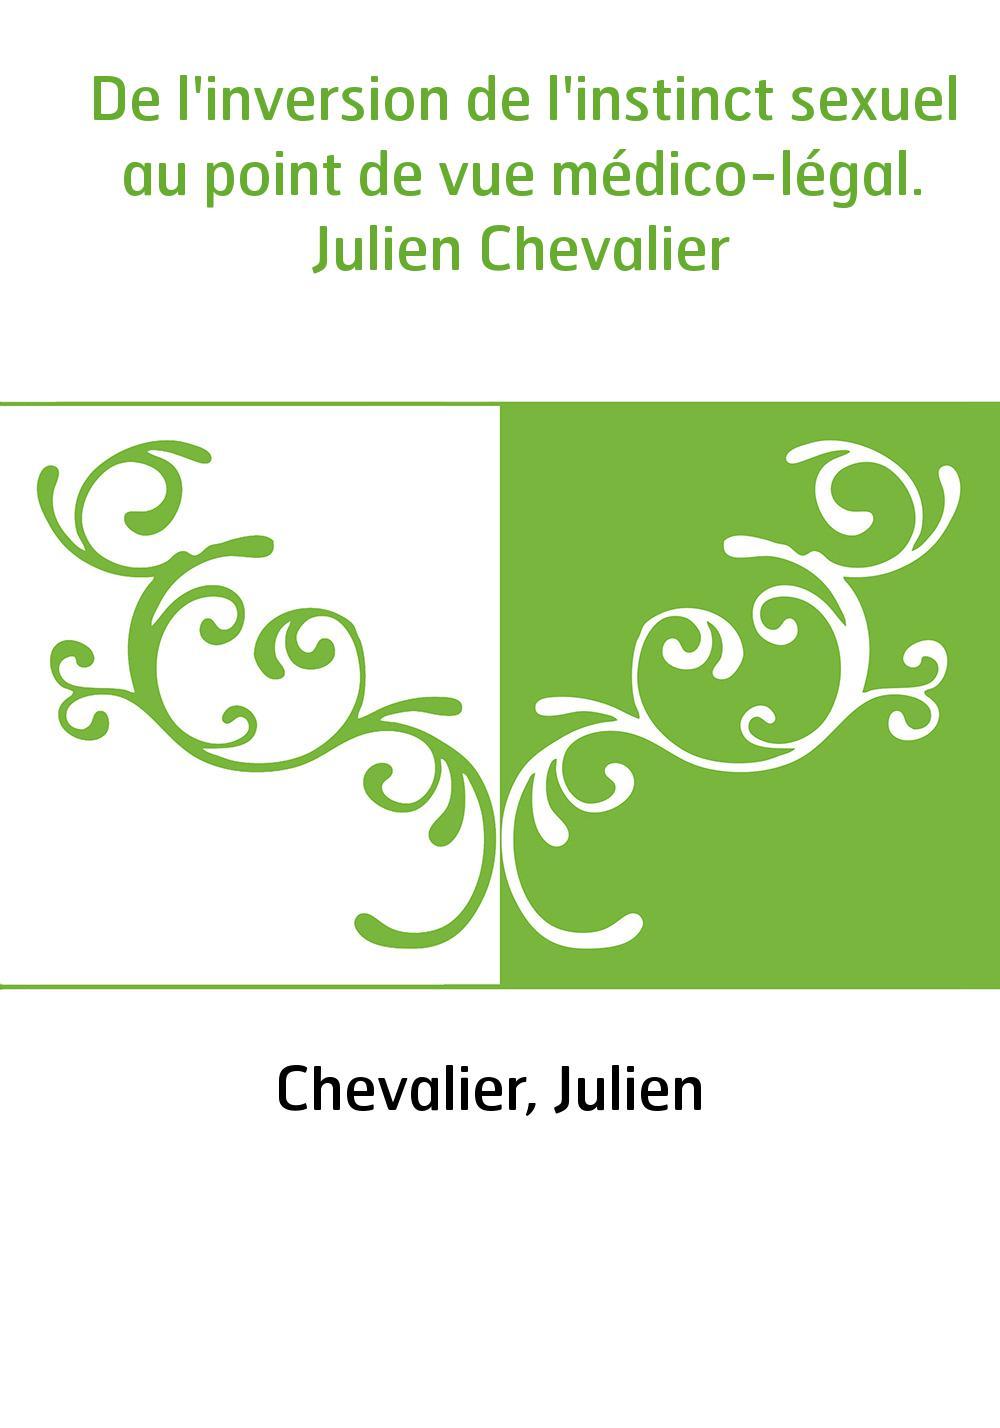 De l'inversion de l'instinct sexuel au point de vue médico-légal. Julien Chevalier